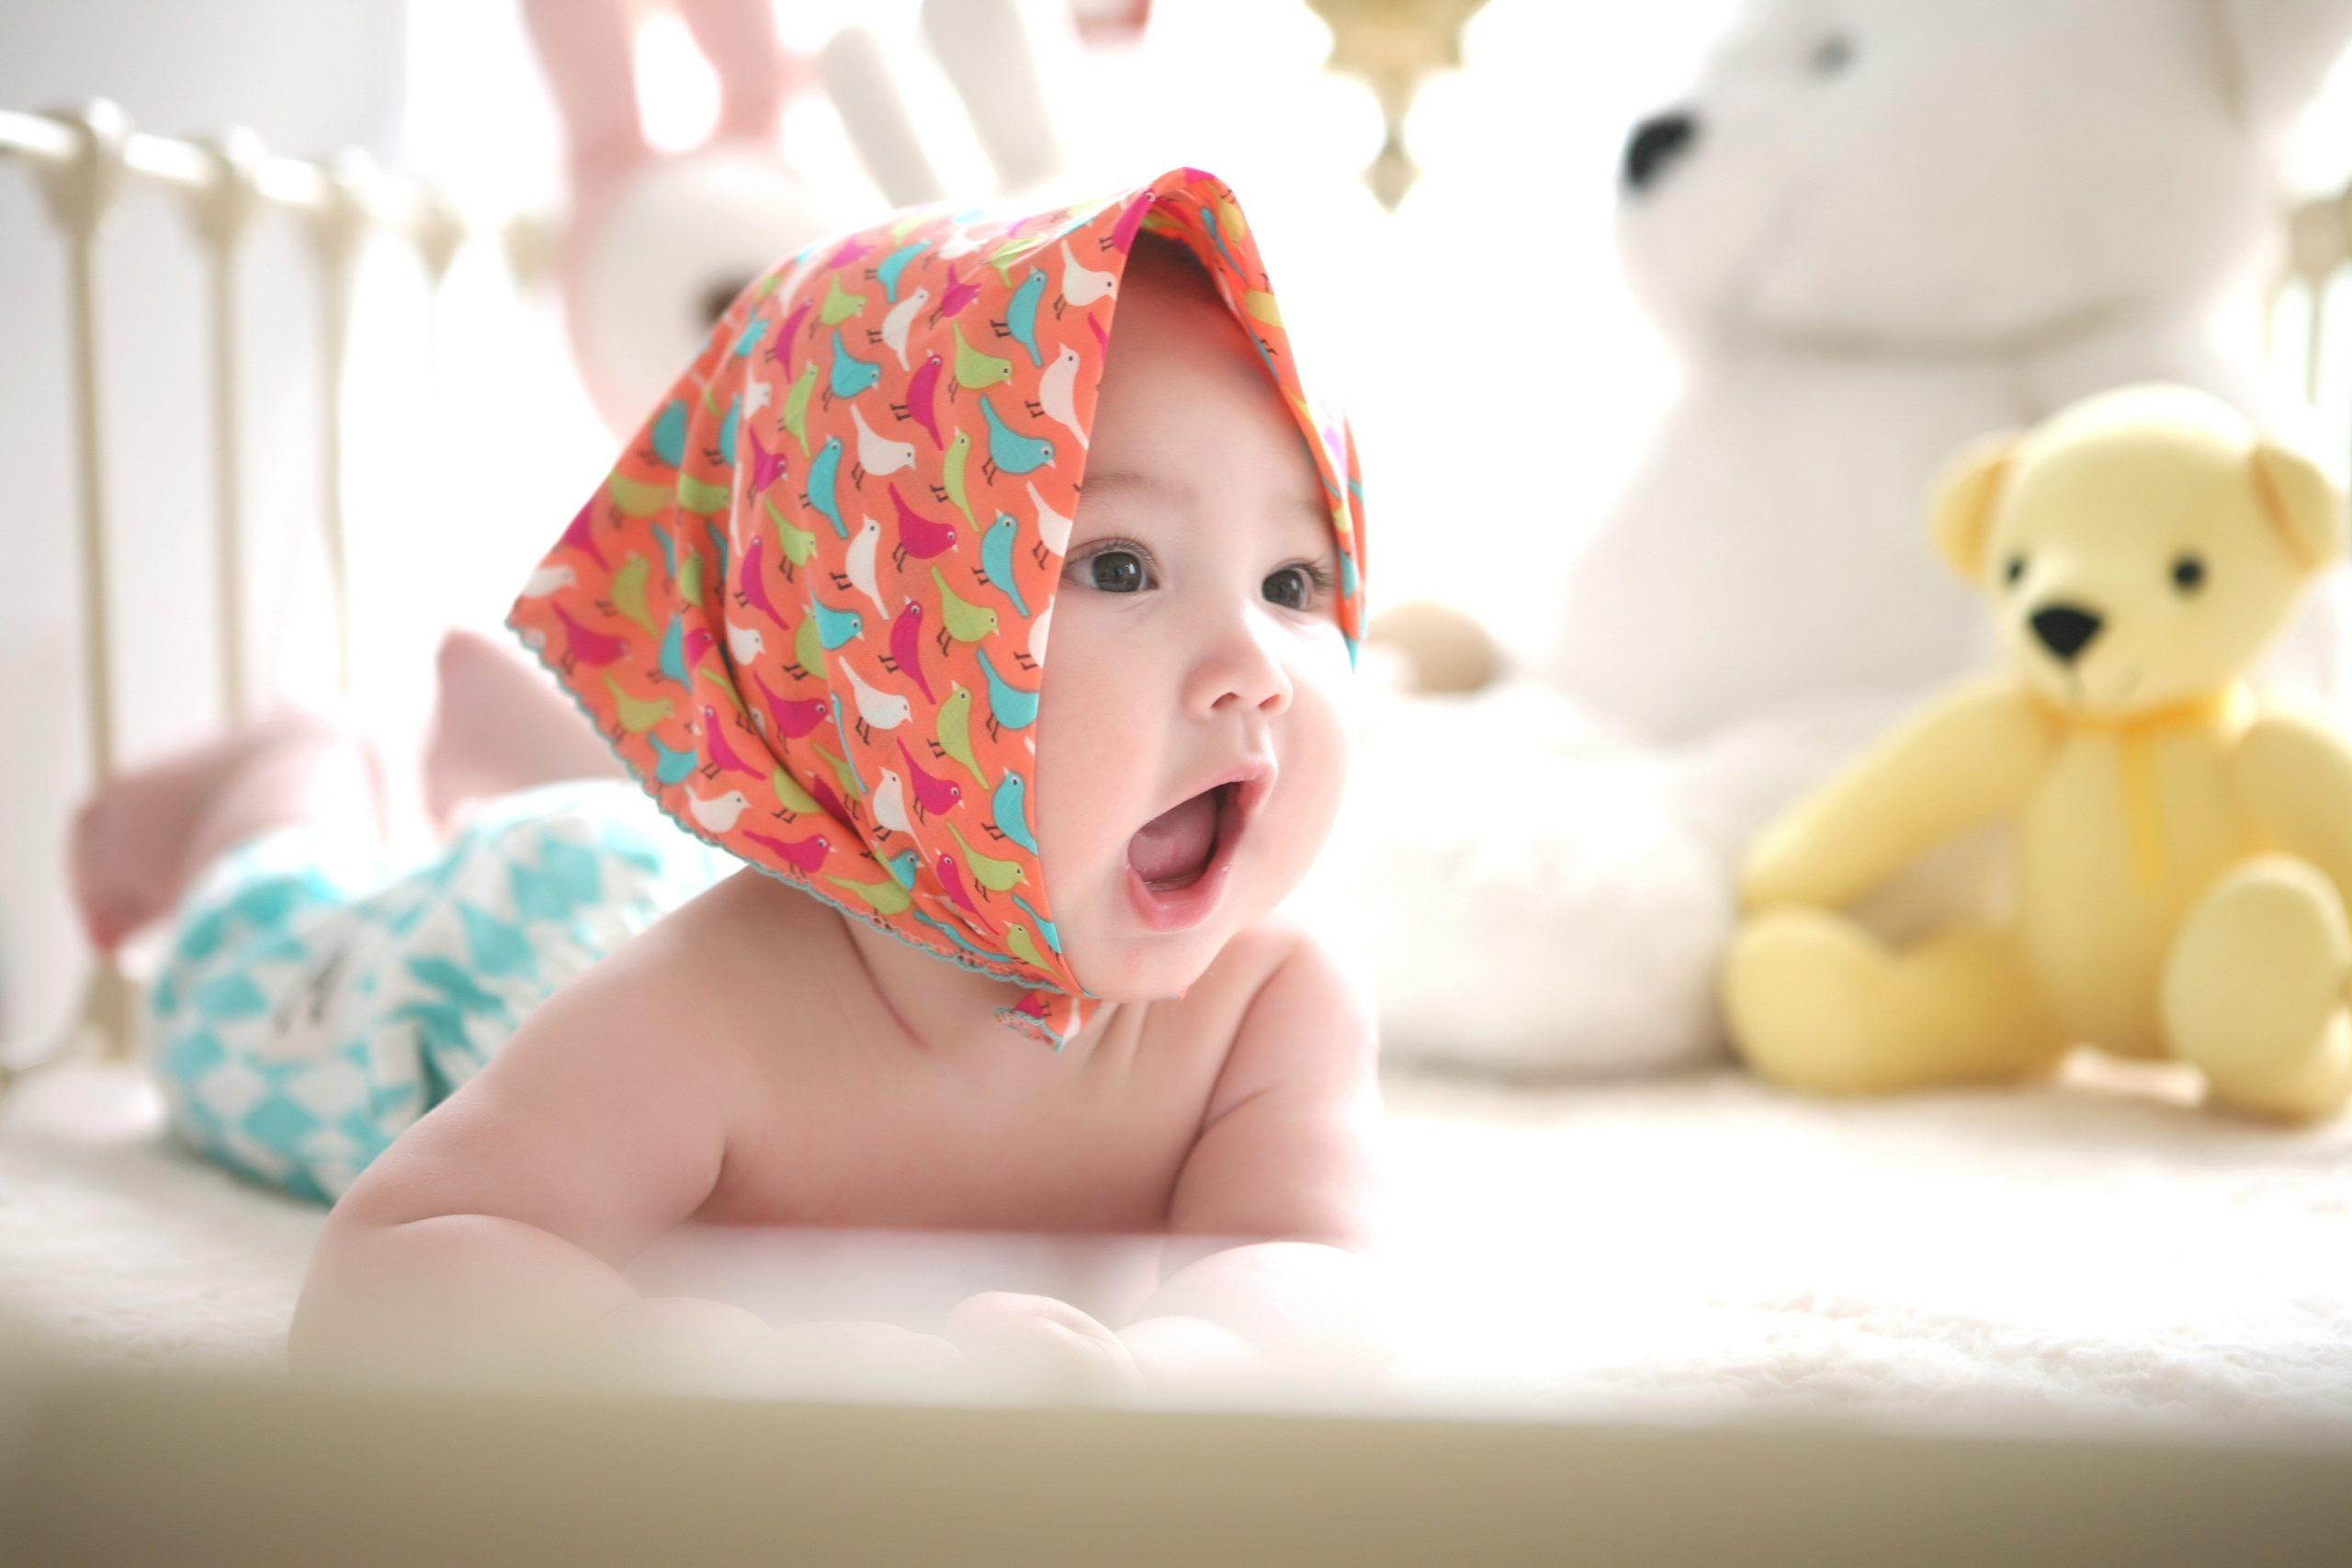 「赤ちゃんが快適に過ごすための新生児服の選び方」のアイキャッチ画像